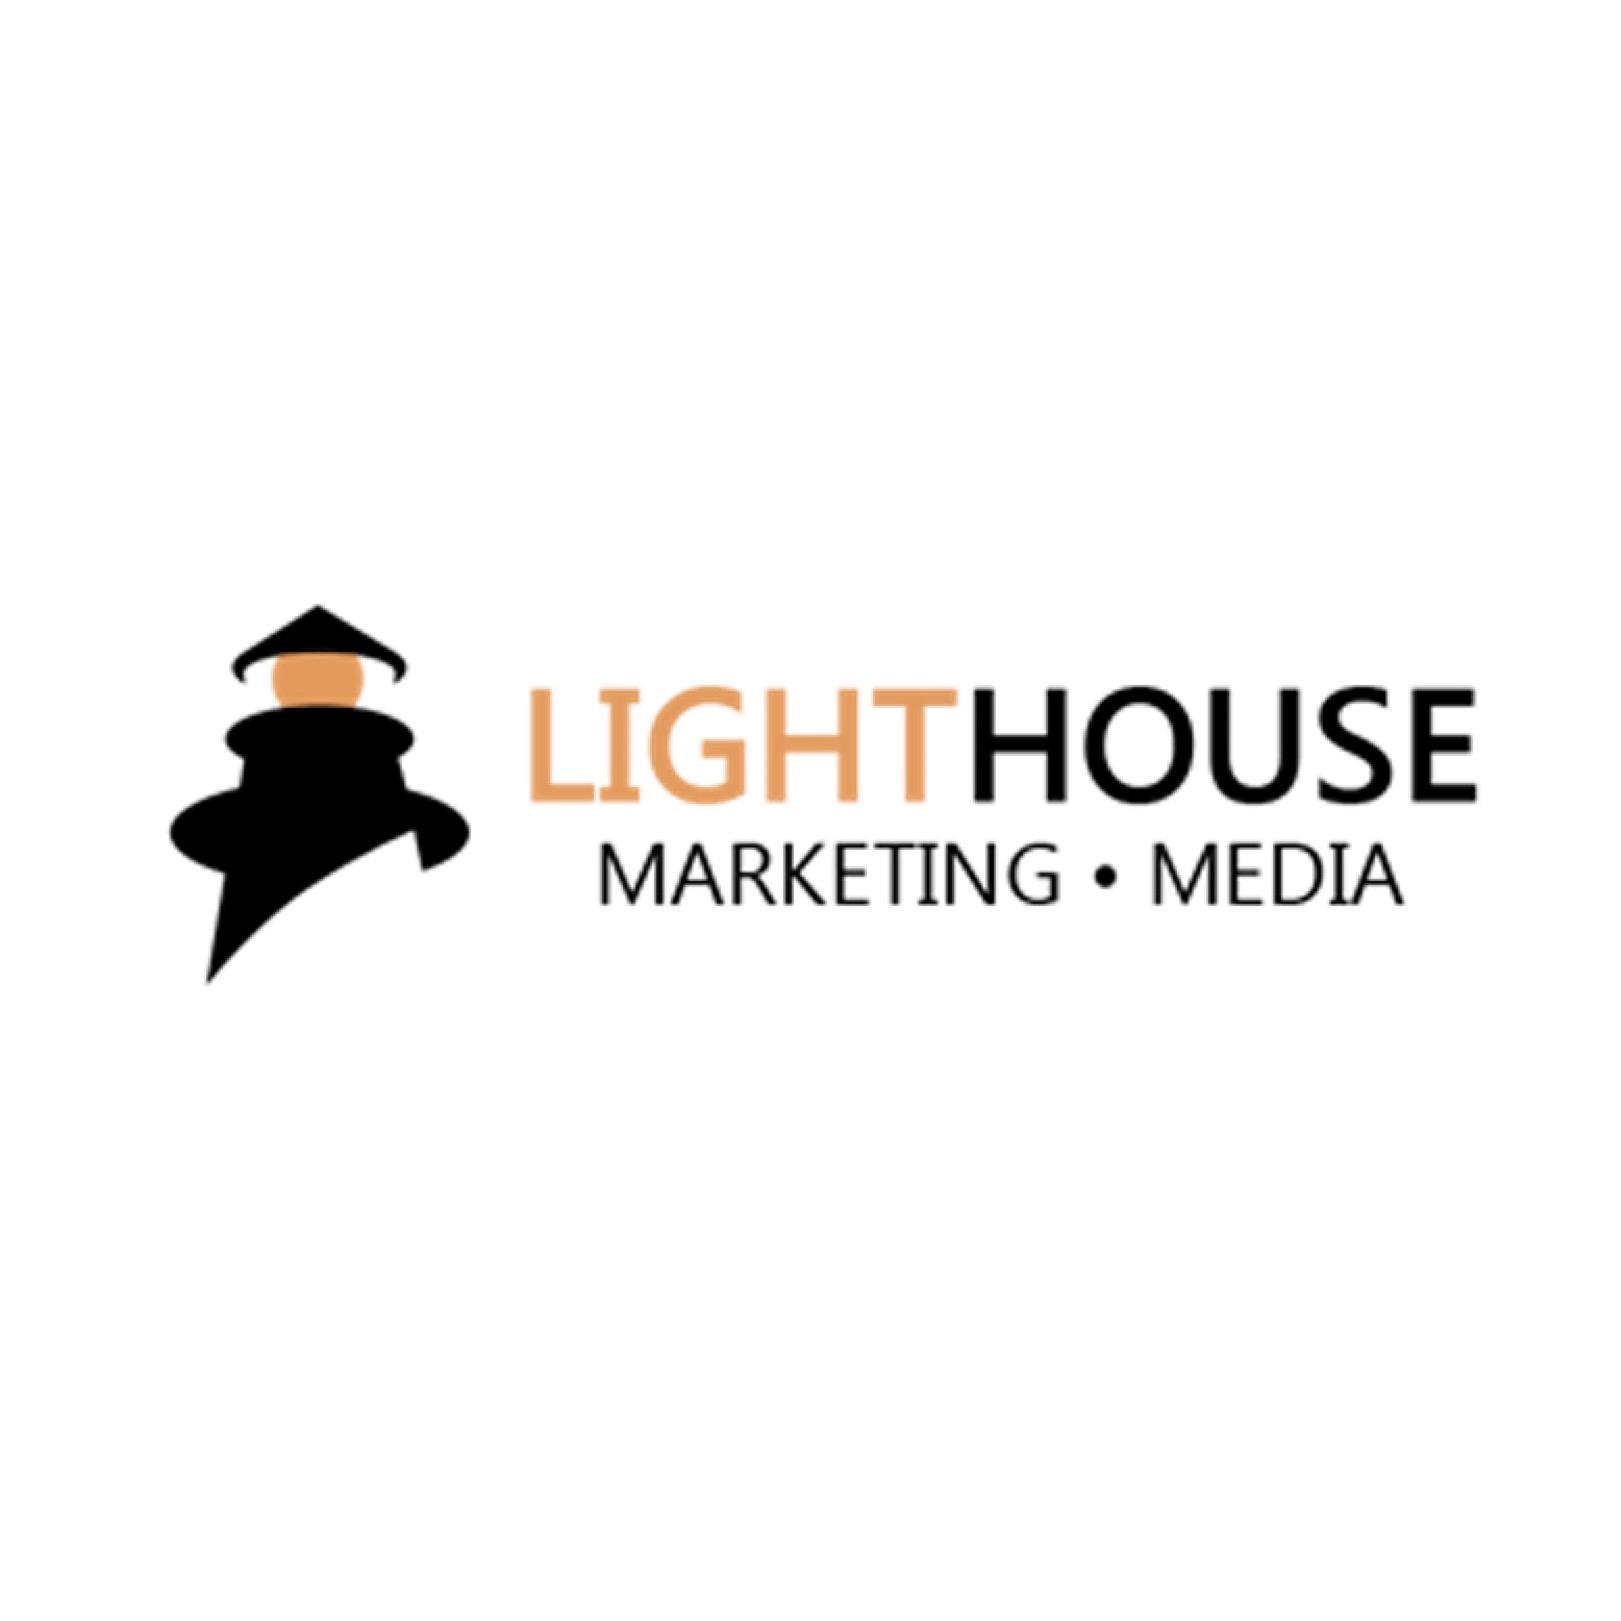 Lighthouse Marketing Media